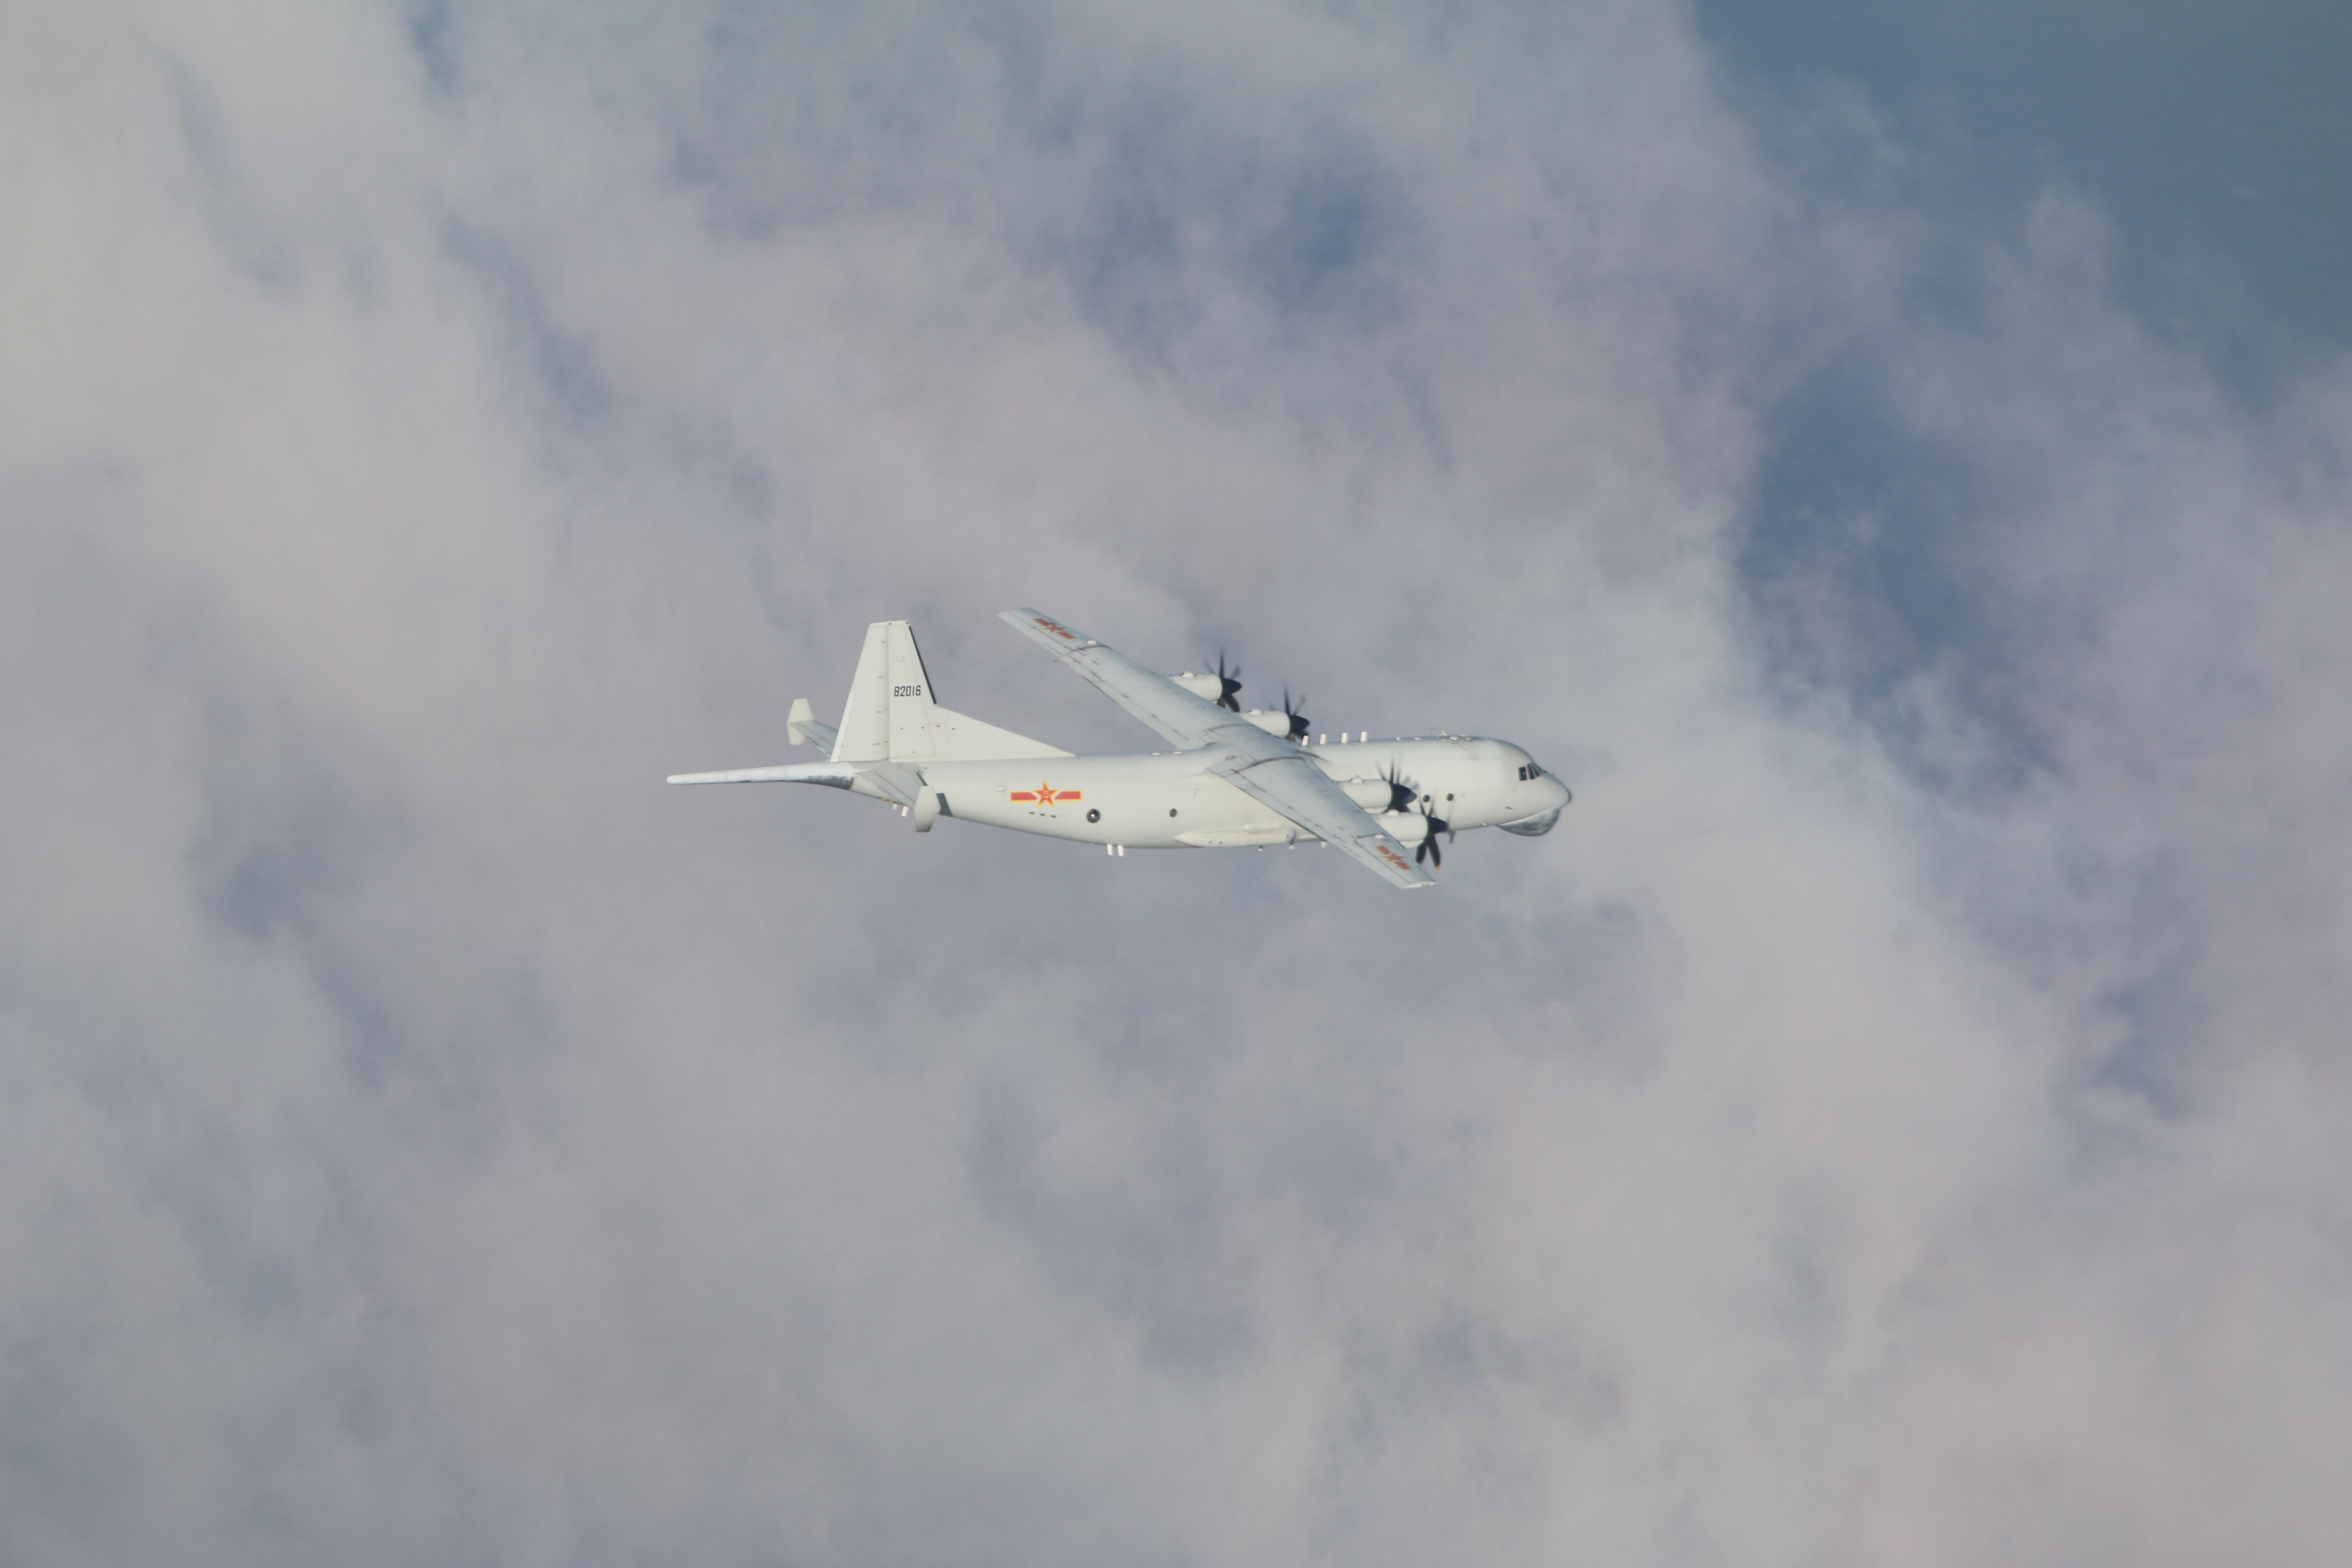 軍演,體系化作戰機群,共機,西南空域,轟-6K,南海,巴士海峽,空警-500,遼寧號,三亞基地,南昌號,菲律賓海,羅斯福號,IL-78空中加油機